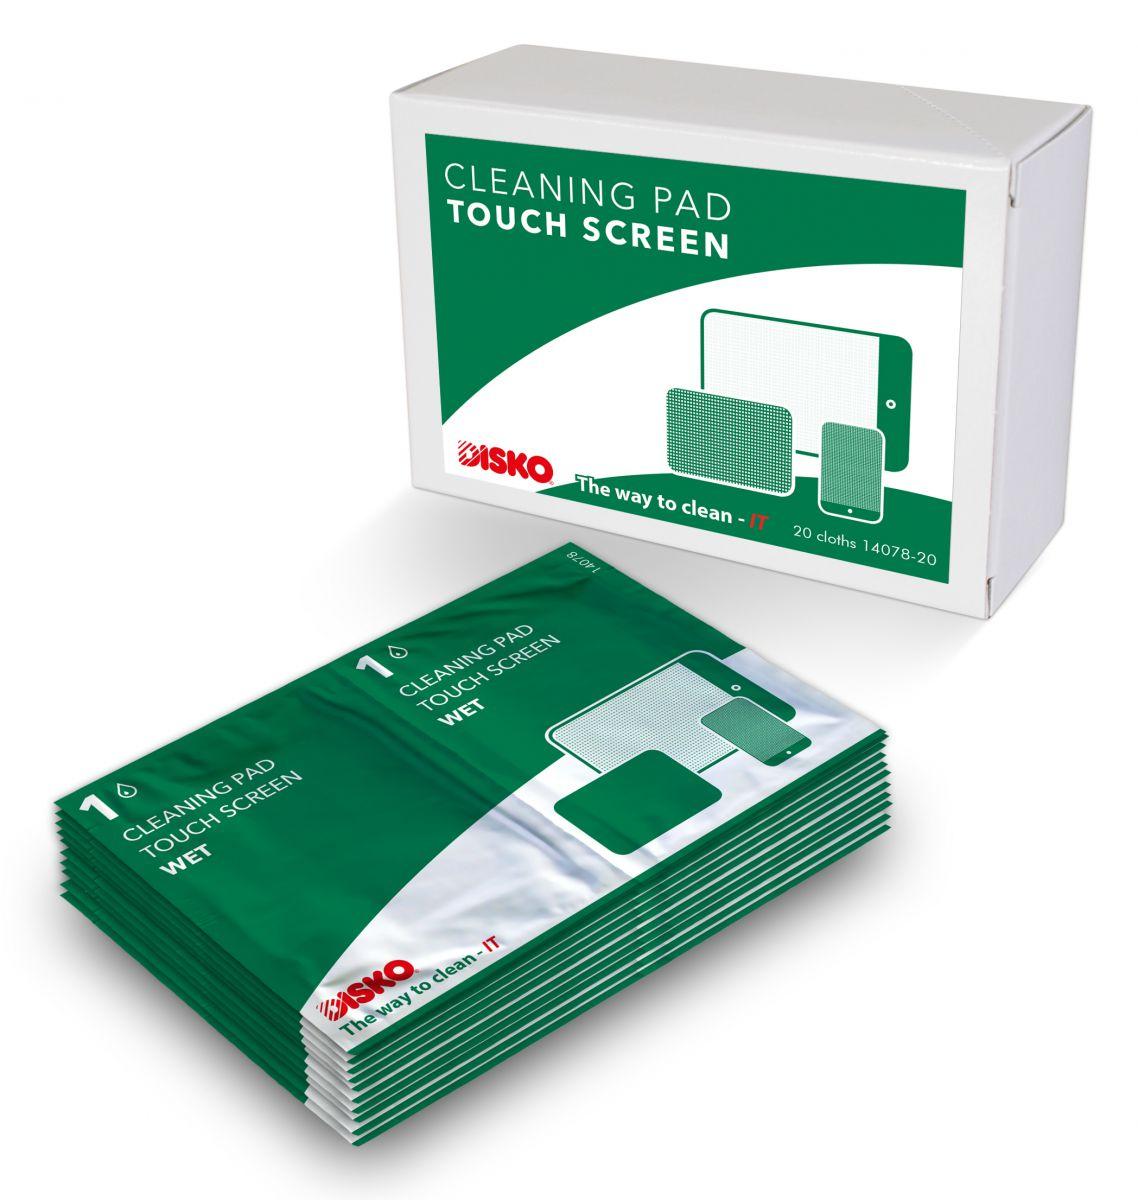 disko artikel 14087 reinigingsset voor touchscreens